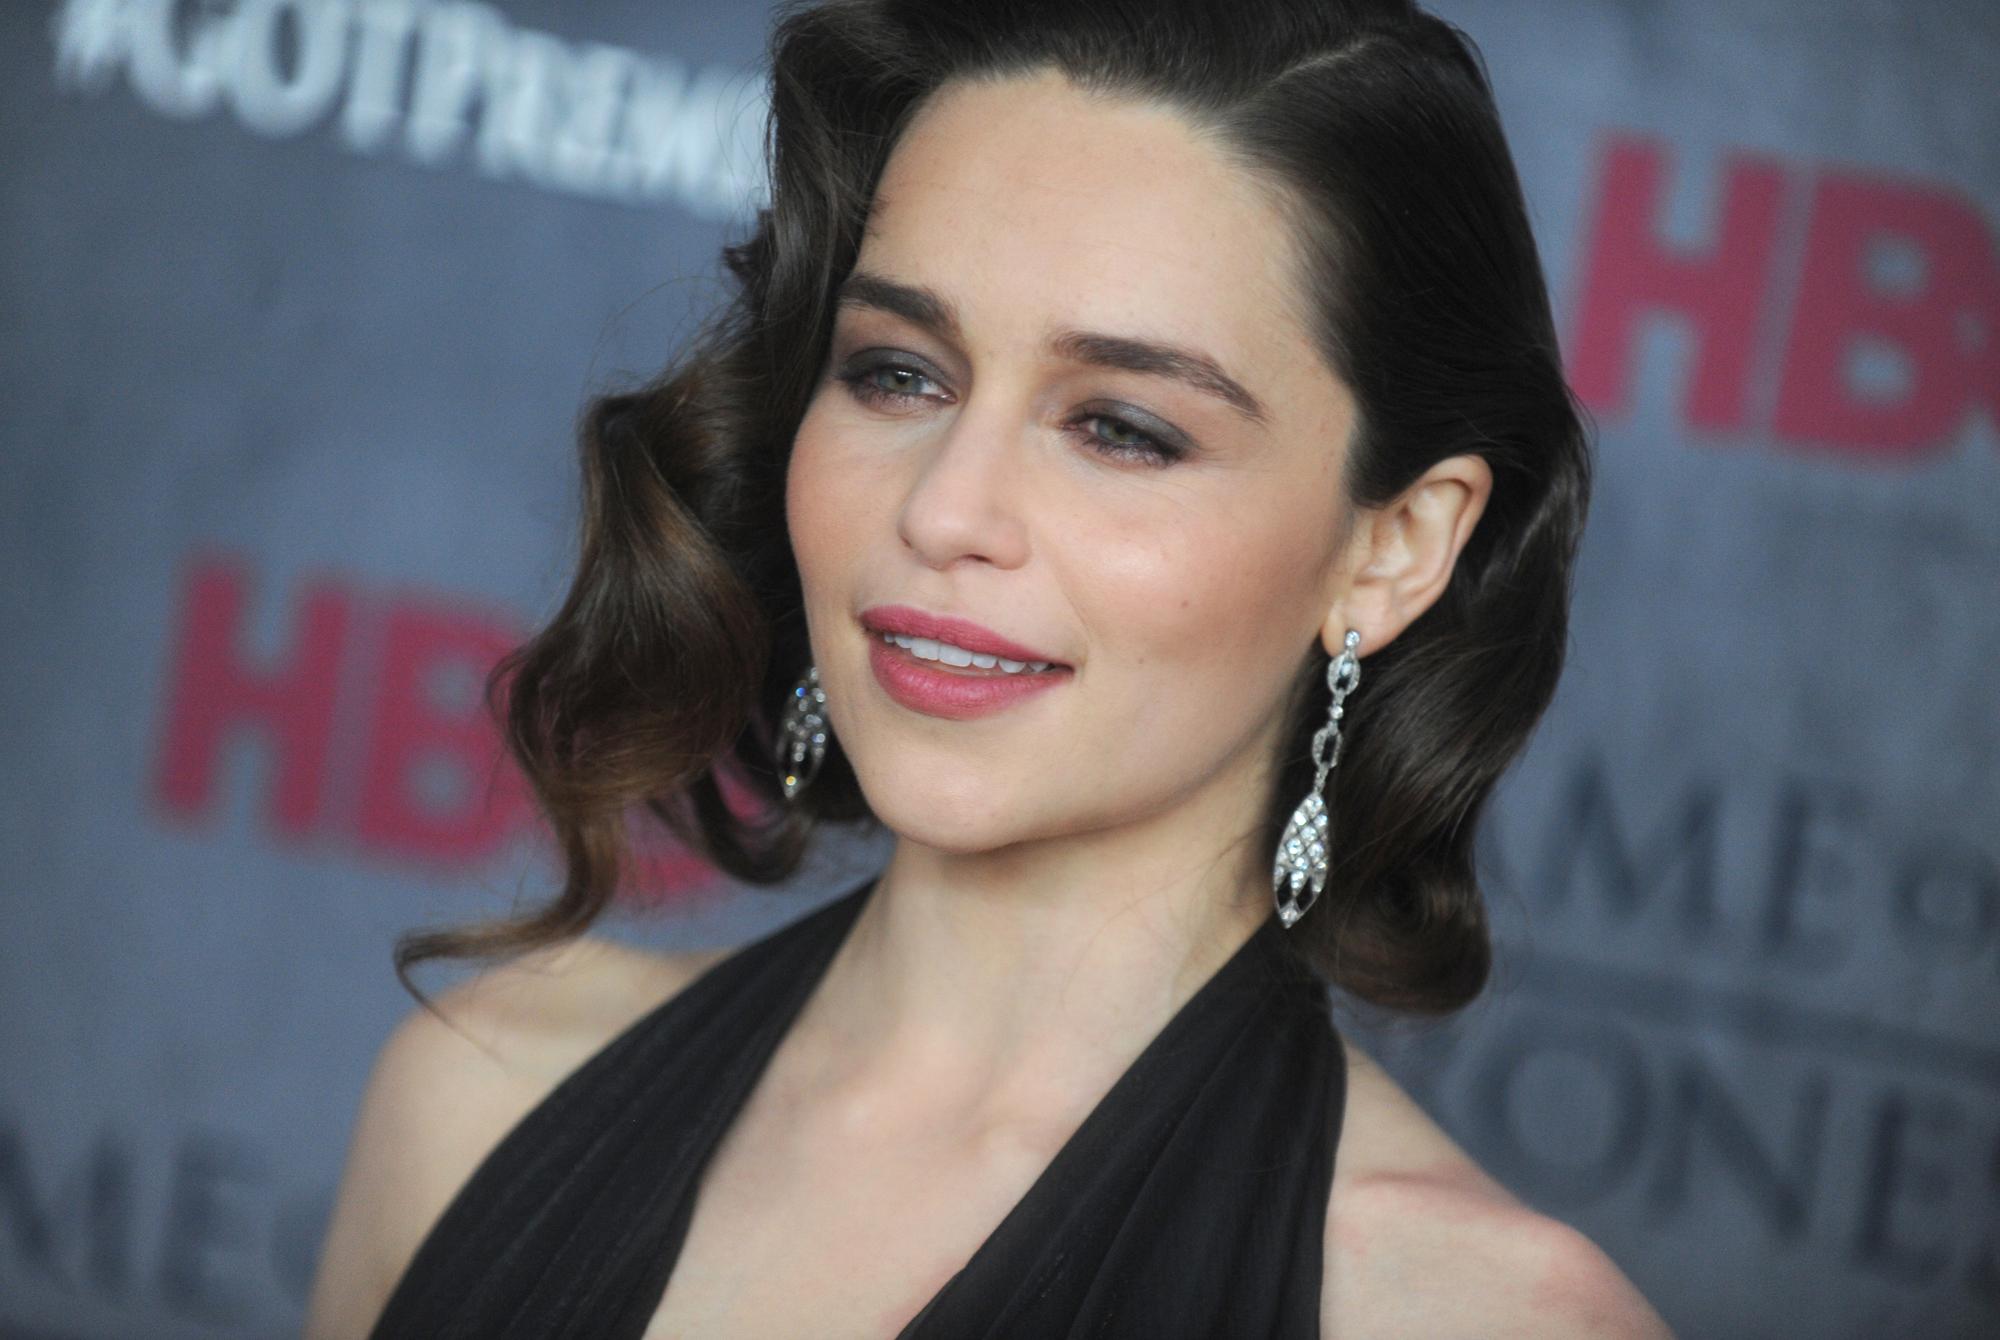 Emilia Clarke 36